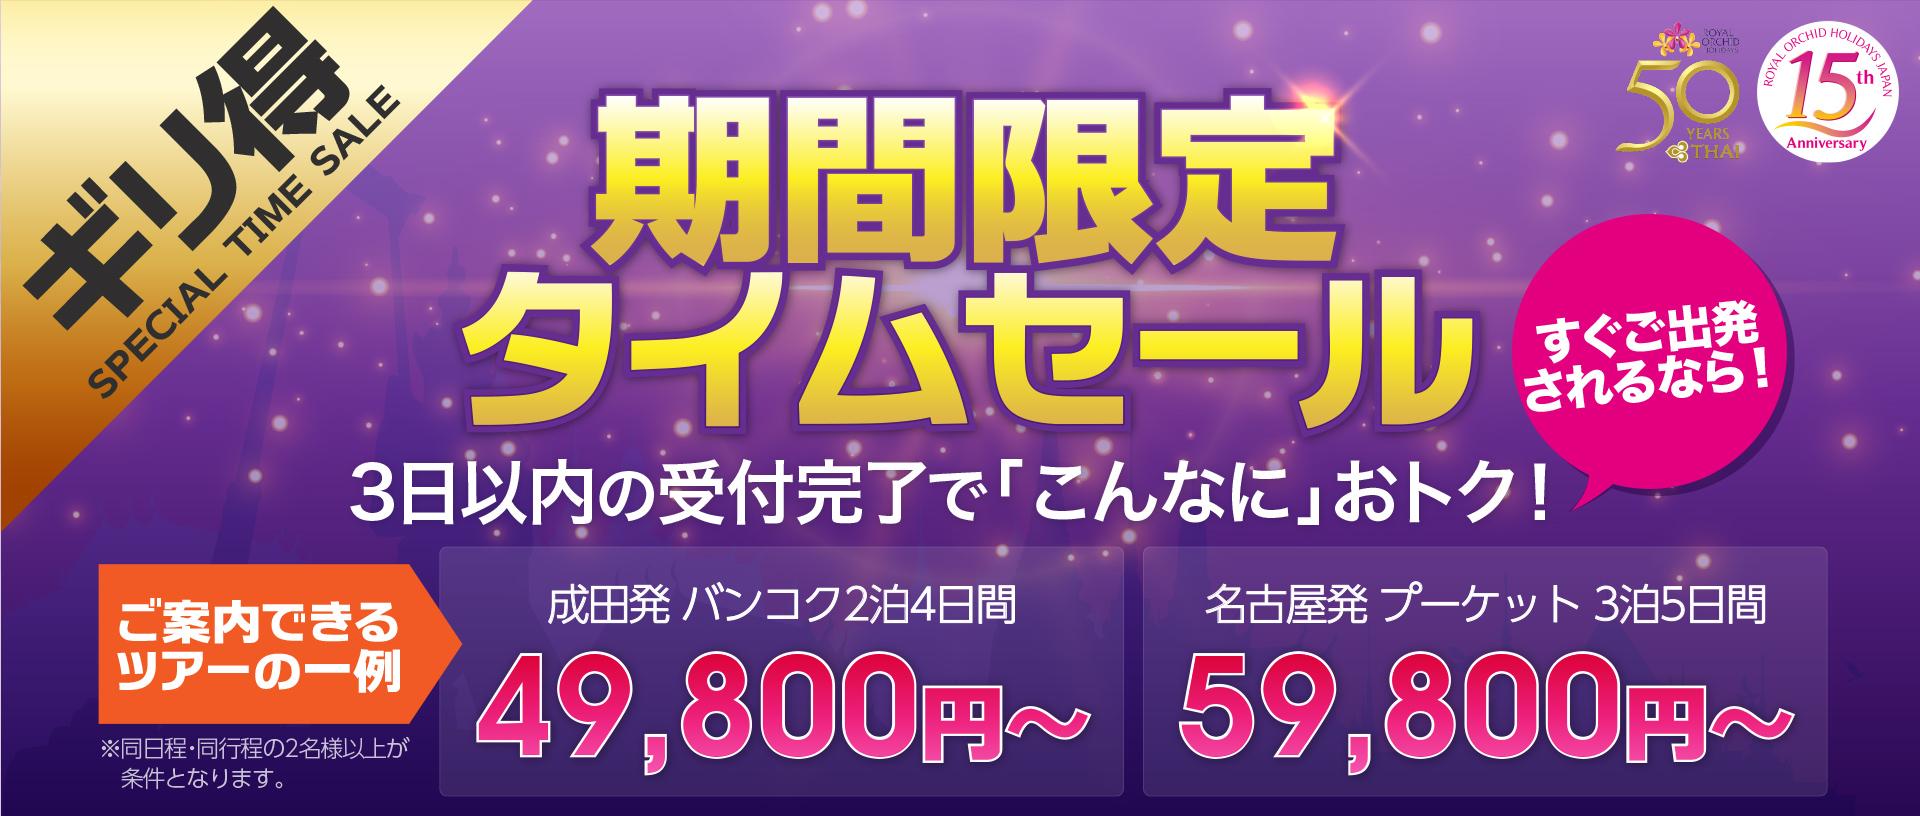 タイムセール!「限定スペシャル企画」ロイヤルオーキッドホリデイズだけのスペシャルプラン!